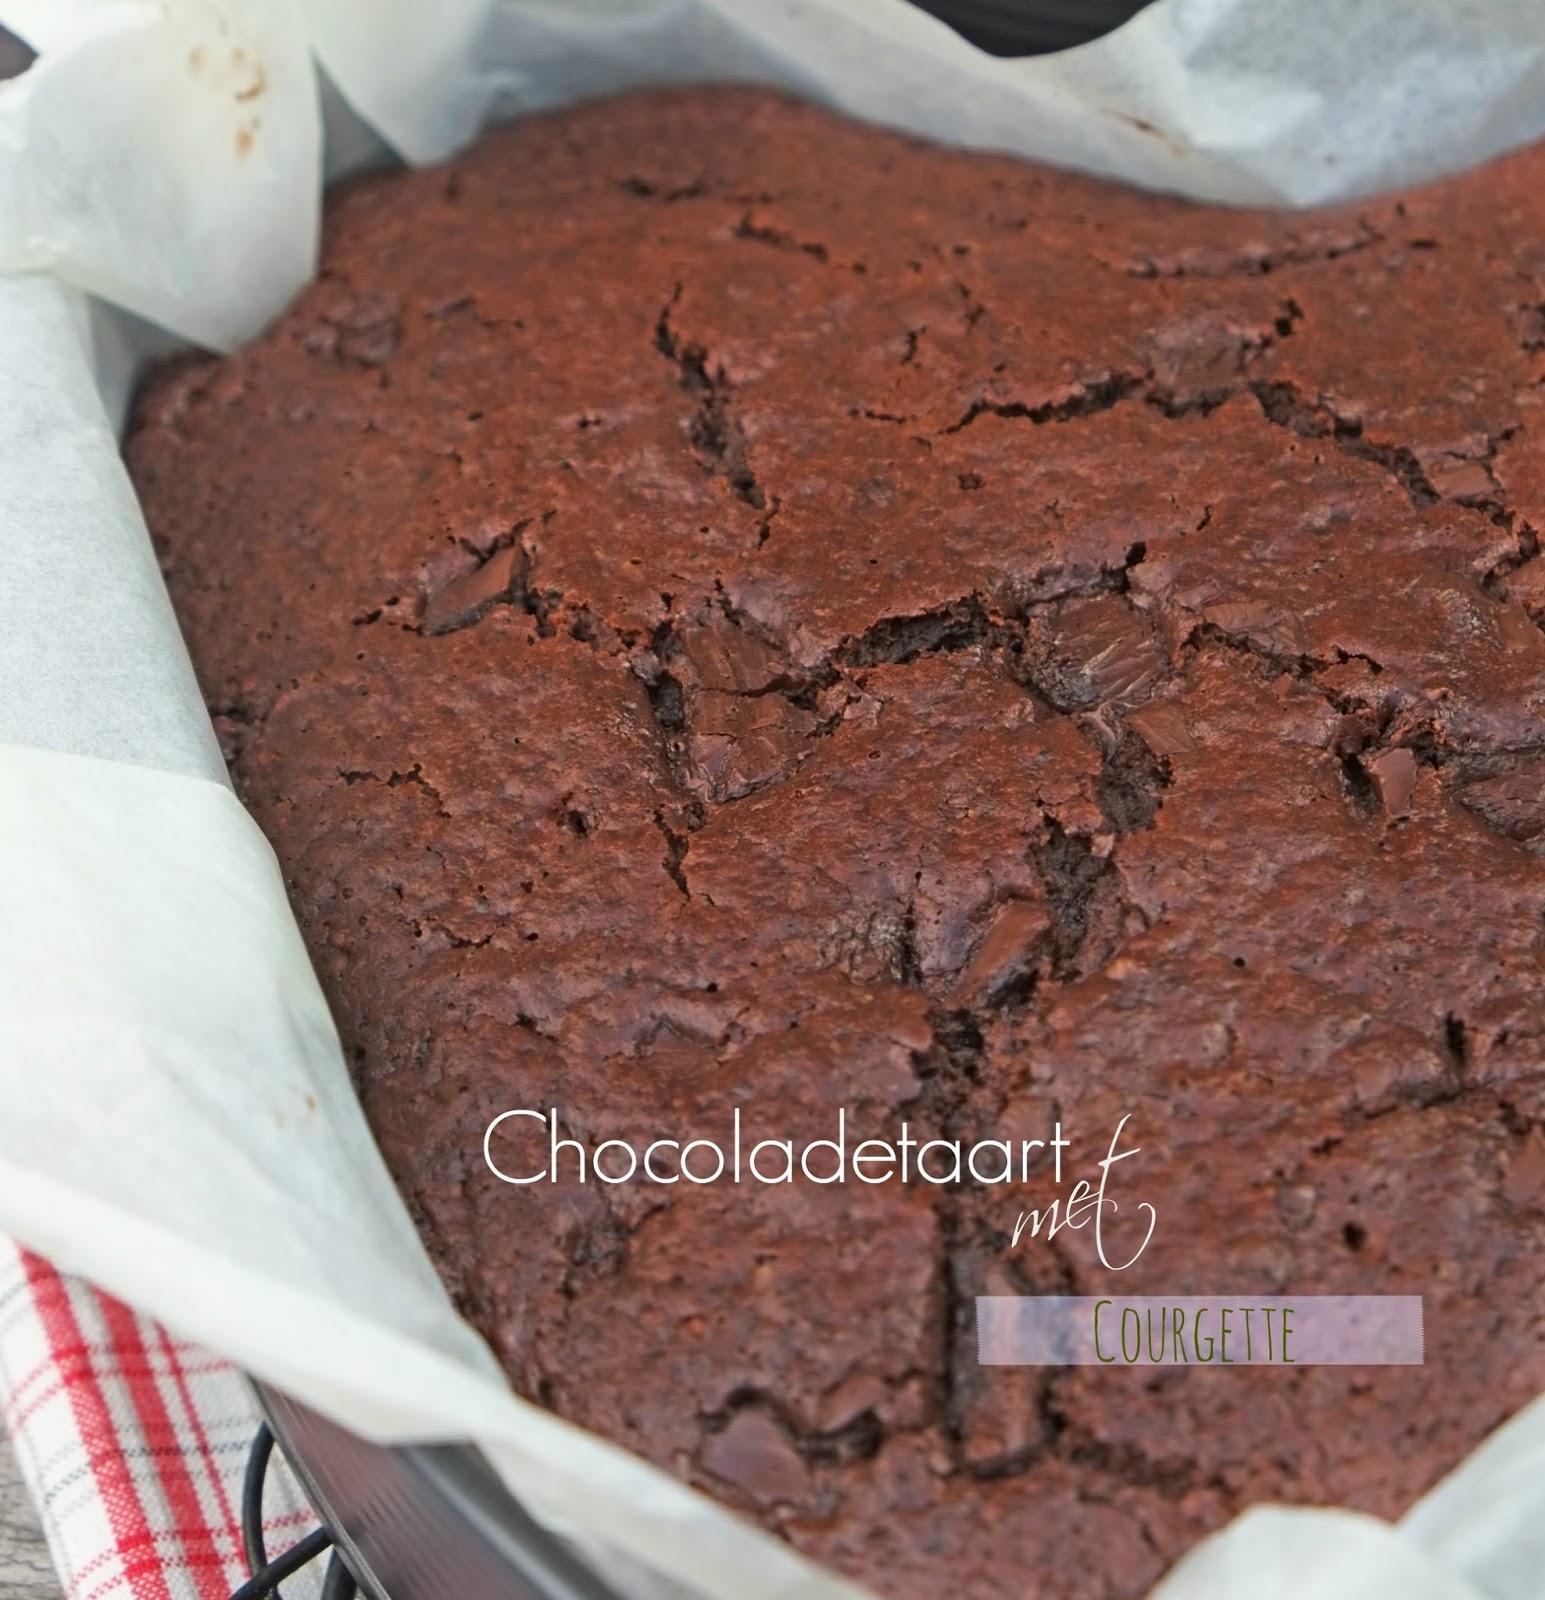 Chocoladetaart met Courgette